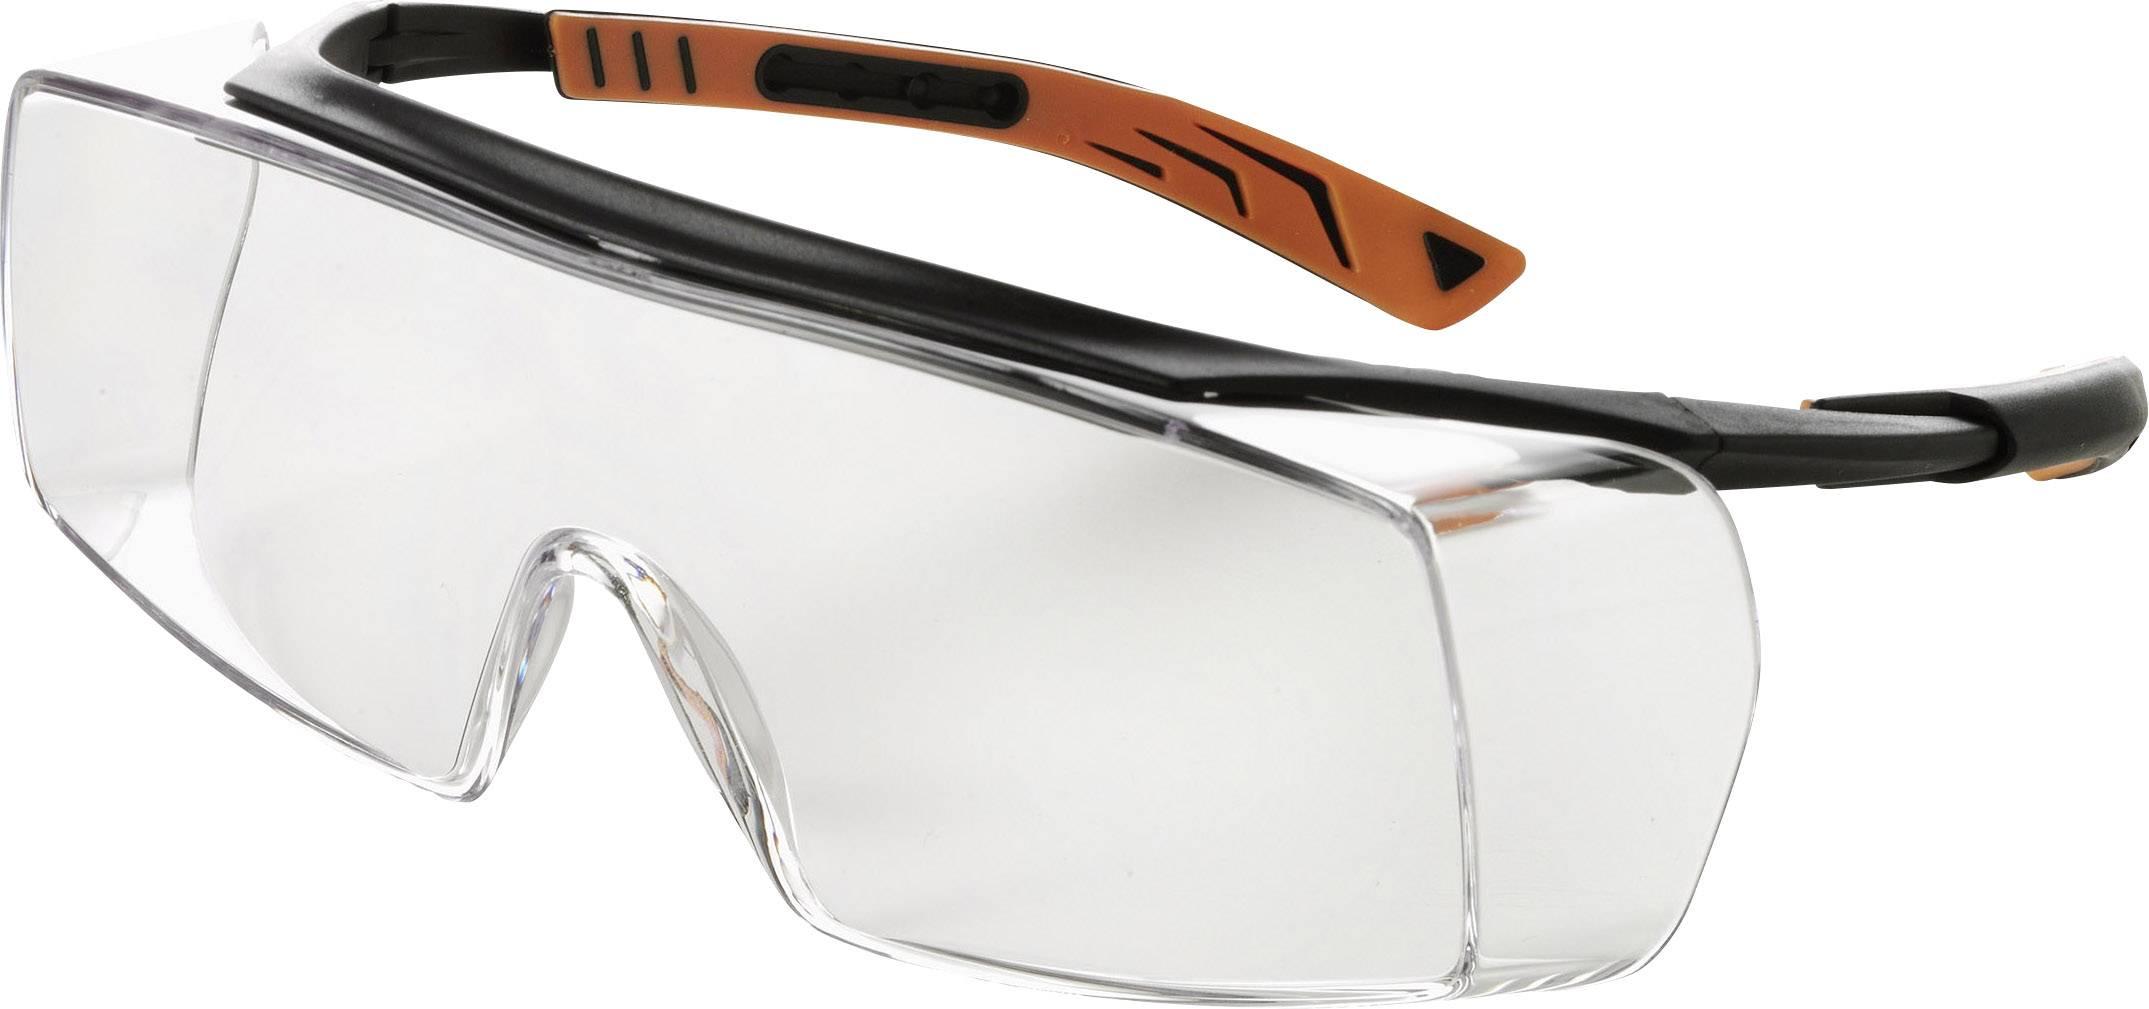 AS PC UV klar Besucherbrille 3M Schutzbrille 2800 /Überbrille